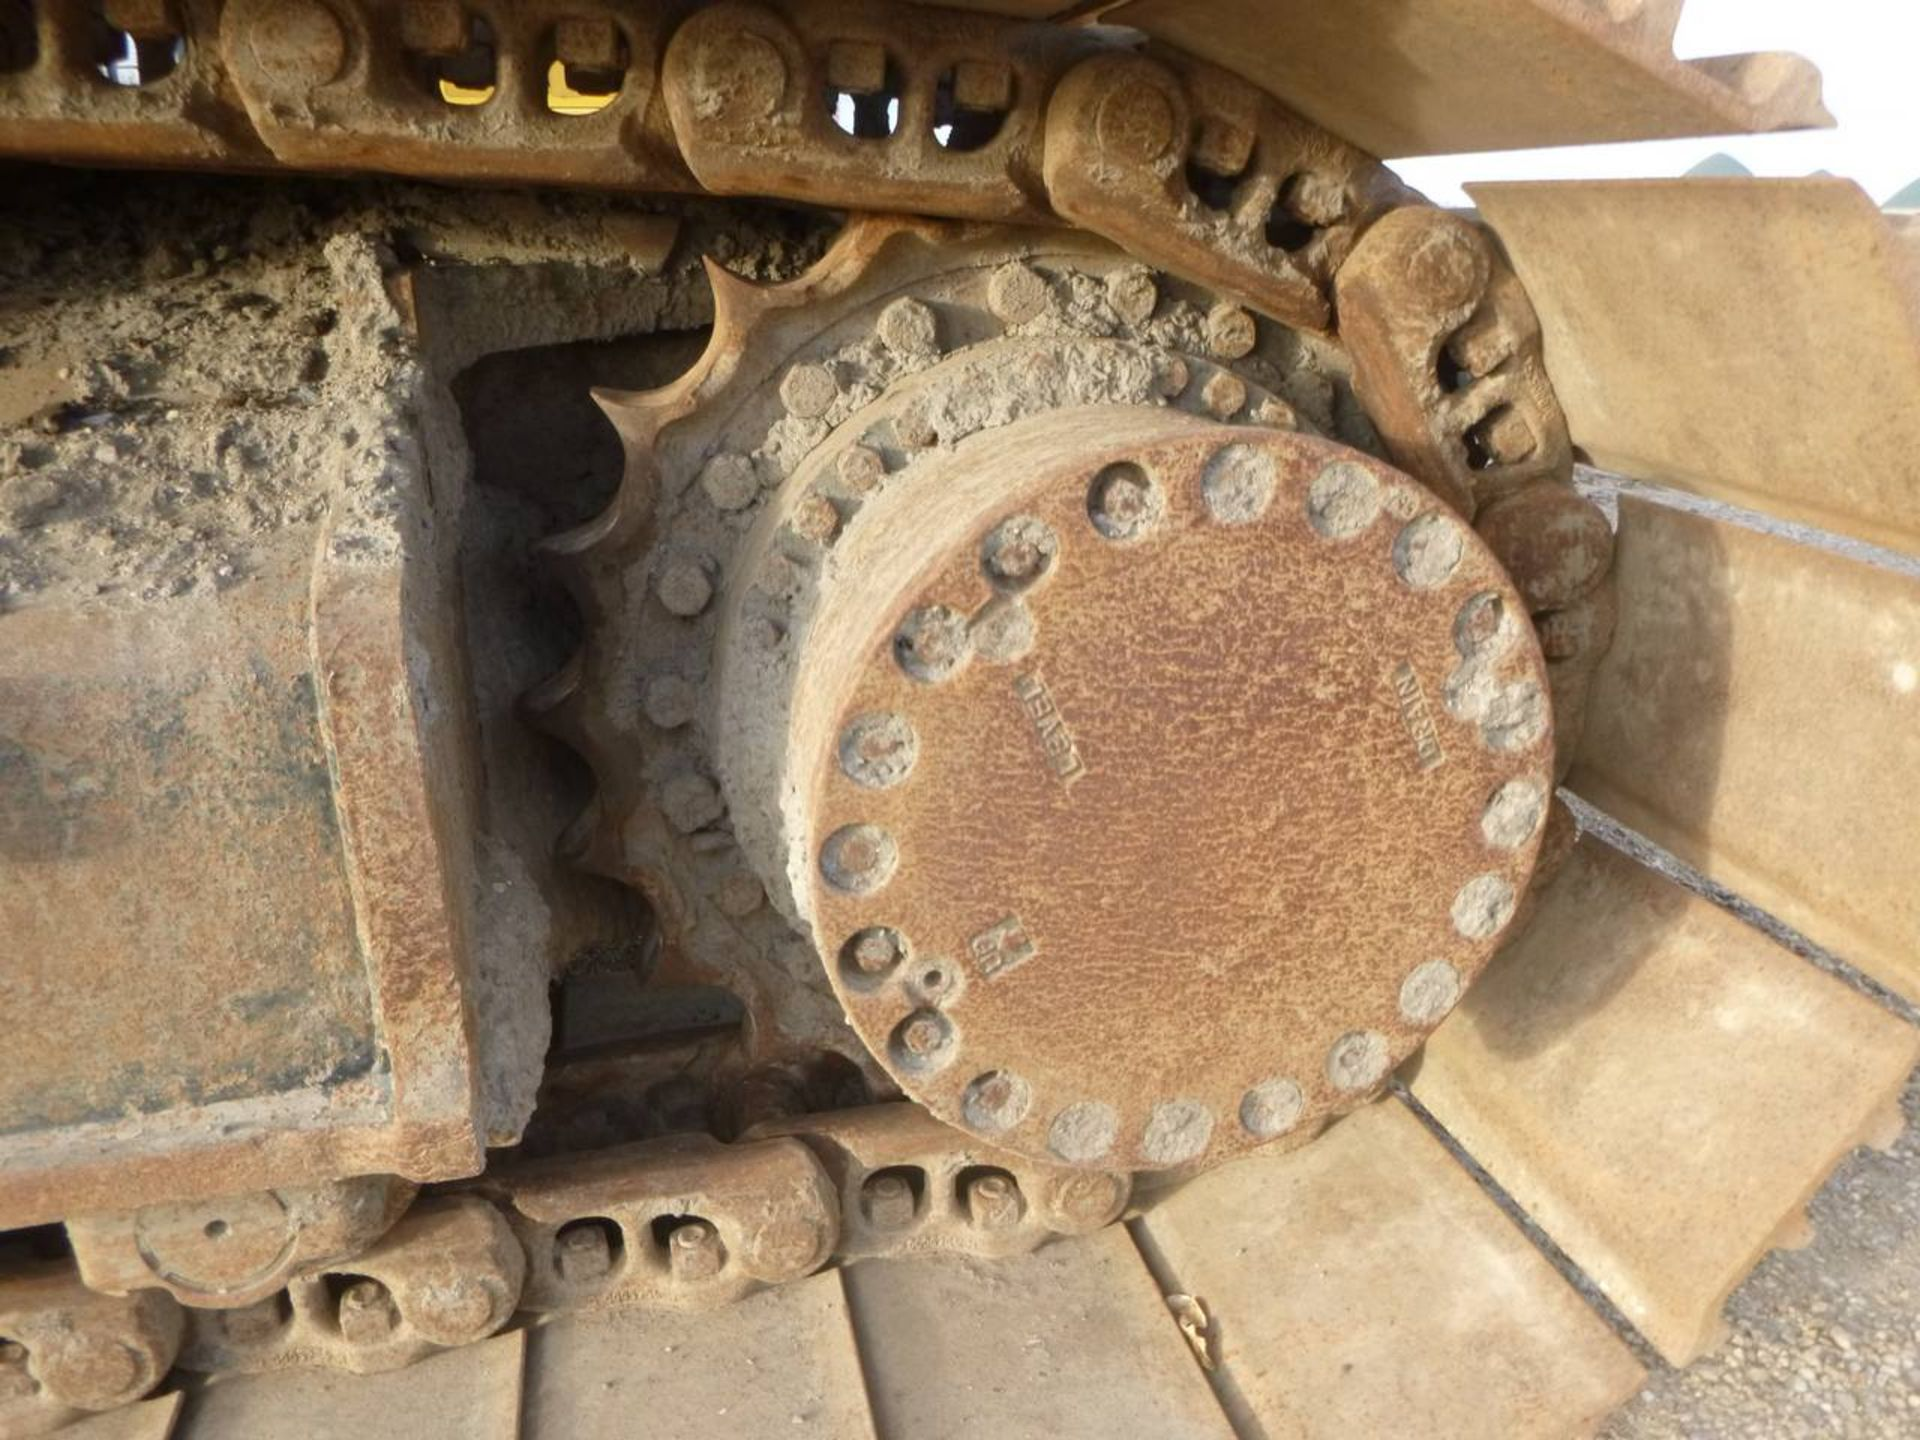 2012 John Deere 350G LC Excavator - Image 7 of 12